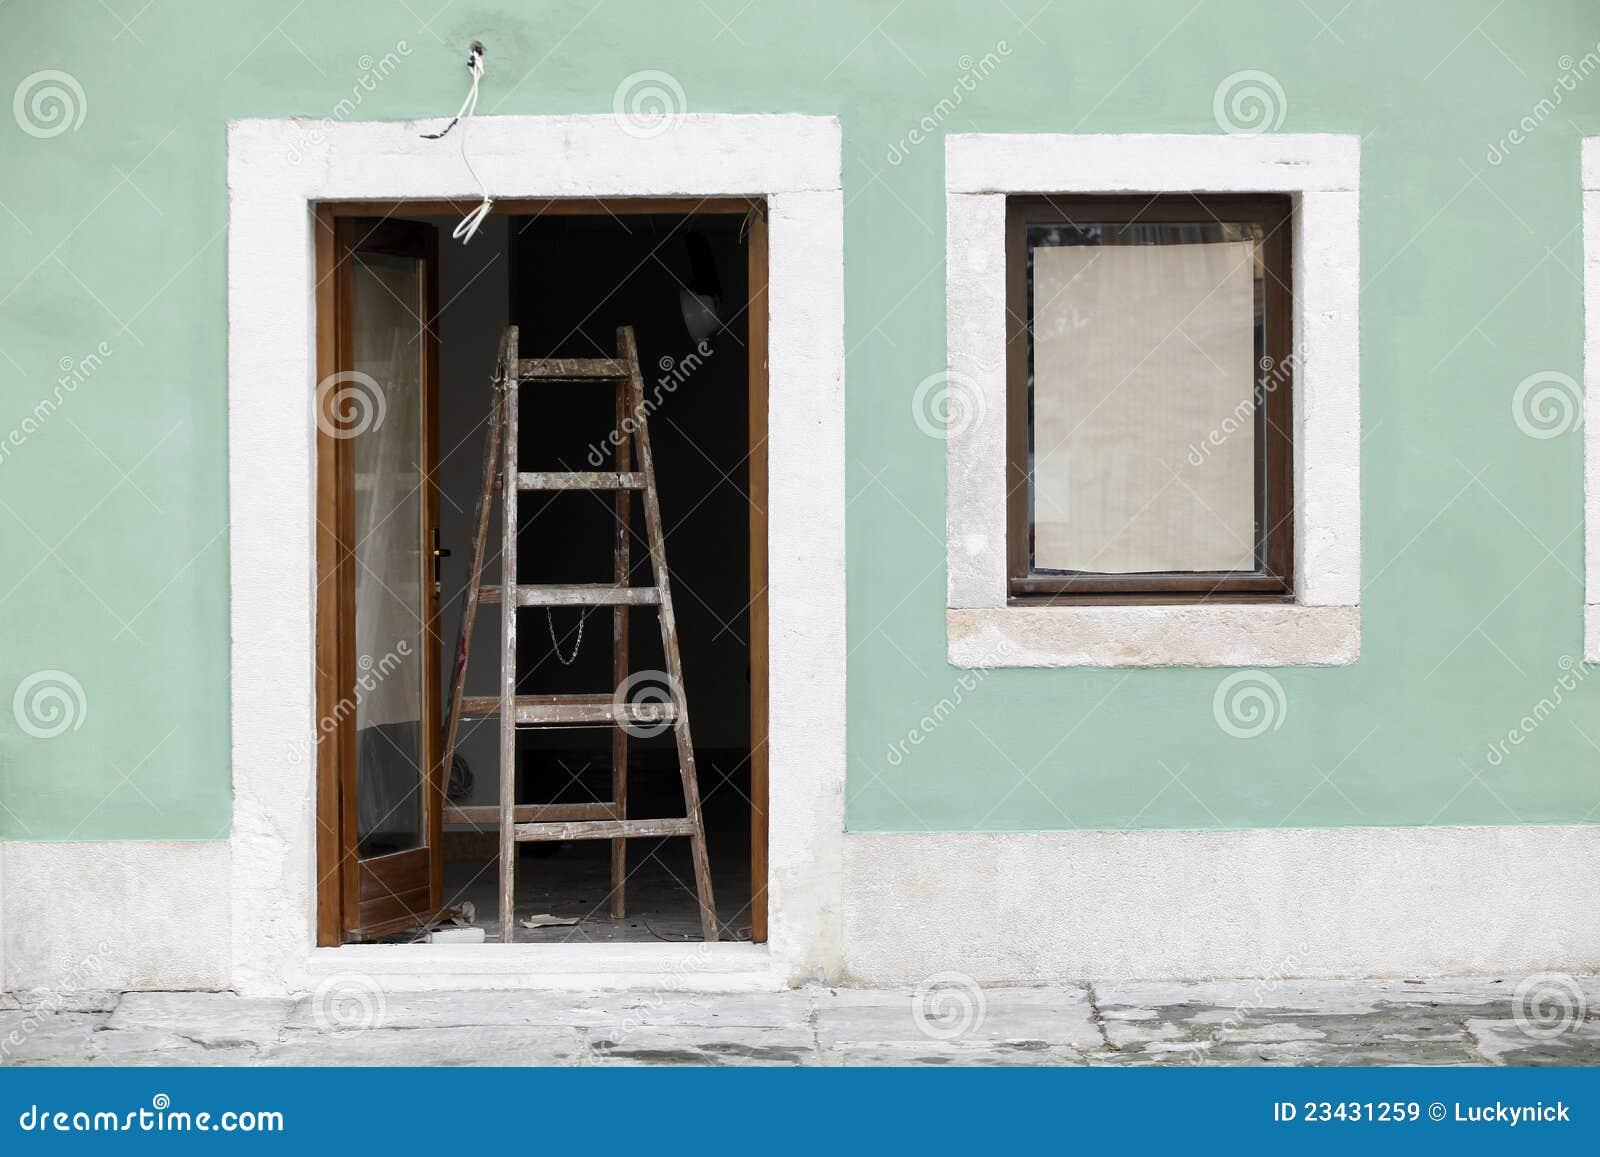 Fachada da casa da pintura imagens de stock royalty free - Pintura para fachadas de casas ...